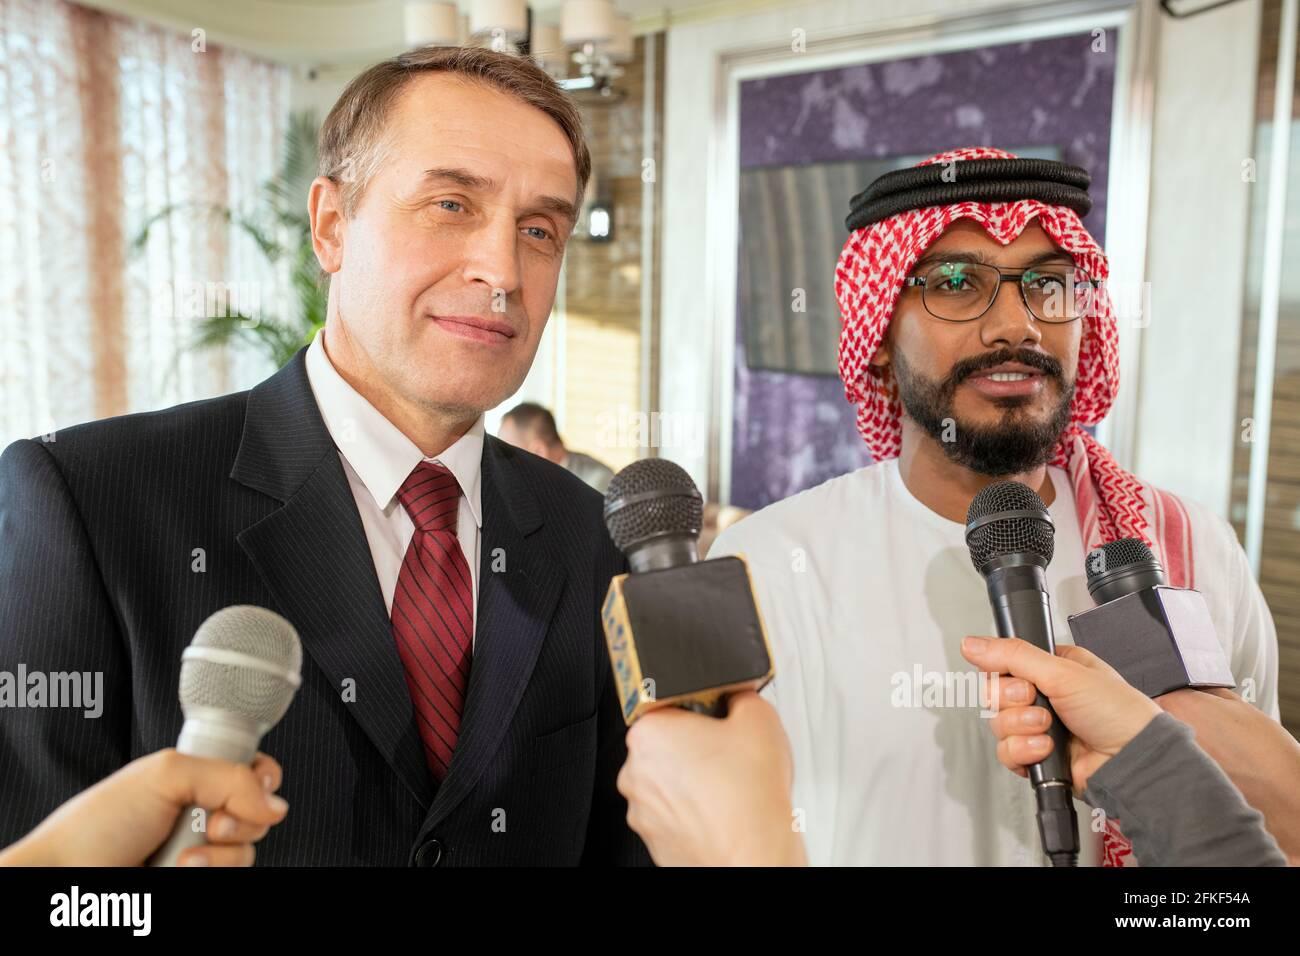 Hombres de negocios frente a periodistas con micrófonos durante la entrevista Foto de stock